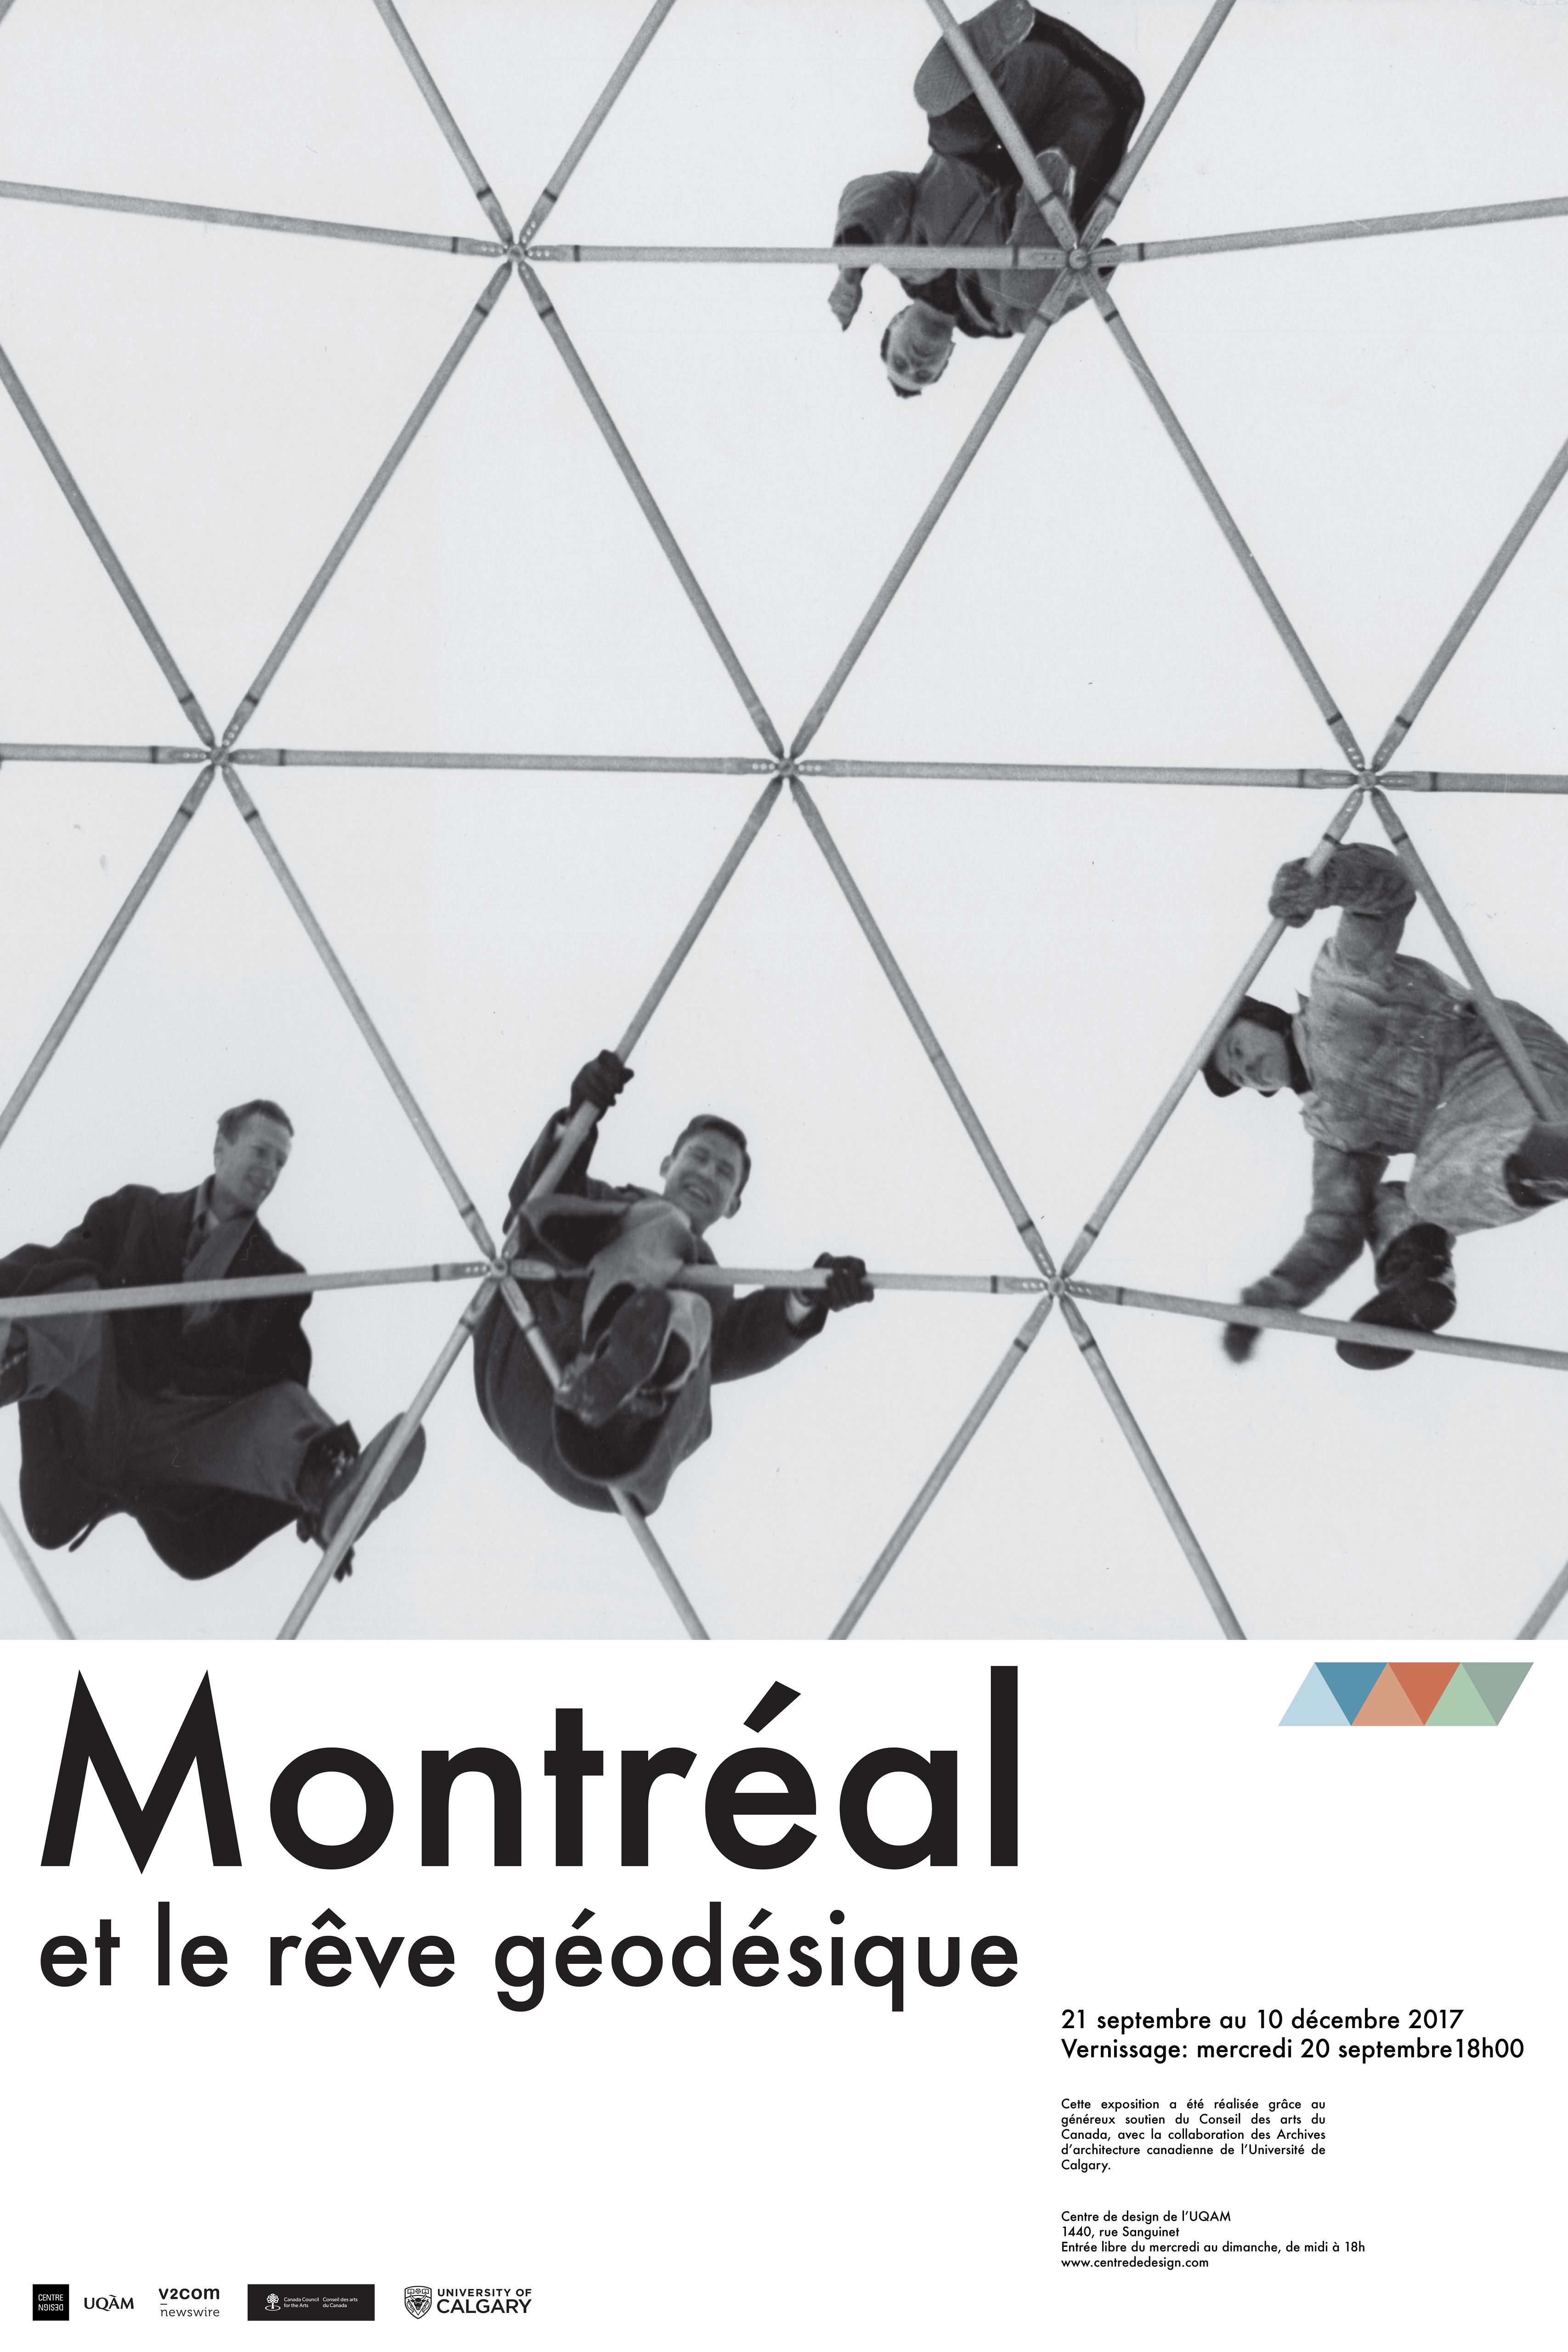 2017 - Exposition - Montréal et le rêve géodésique © Sébastien Daigle